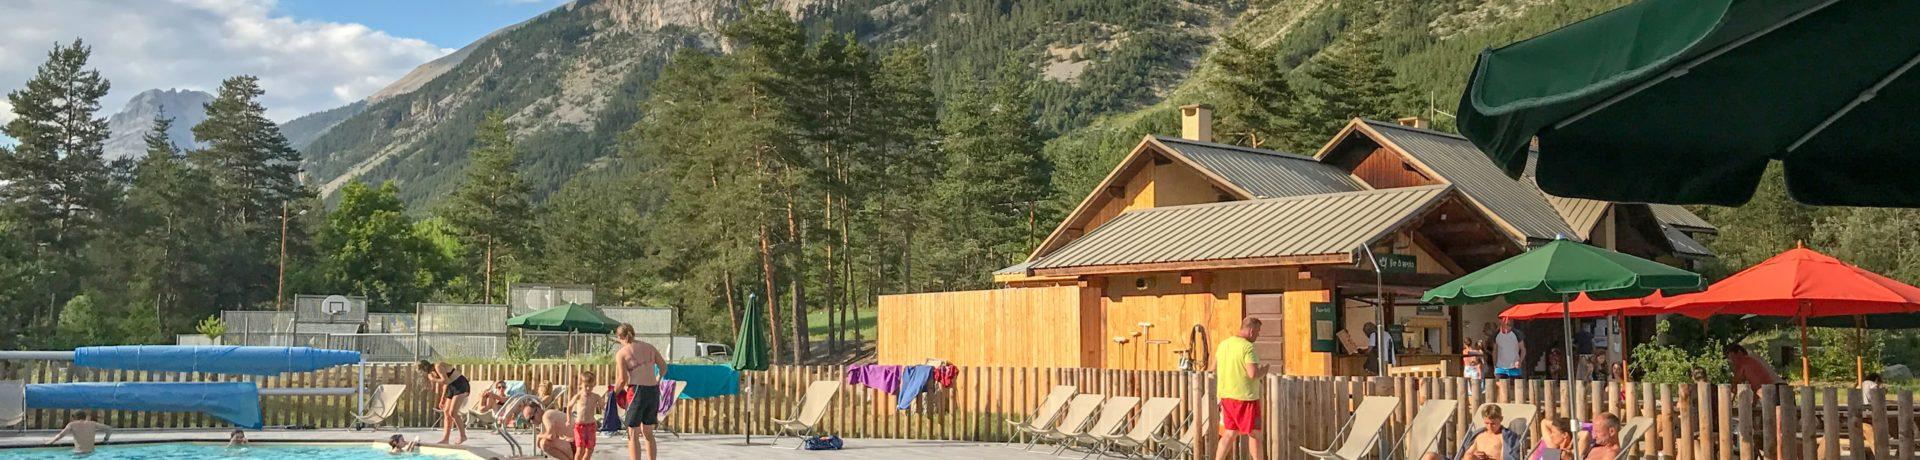 Camping Huttopia la Clarée in Val-des-Près is een rustige camping gelegen aan de oevers van rivier la Clarée bij de grens met Italië in de Hautes-Alpes